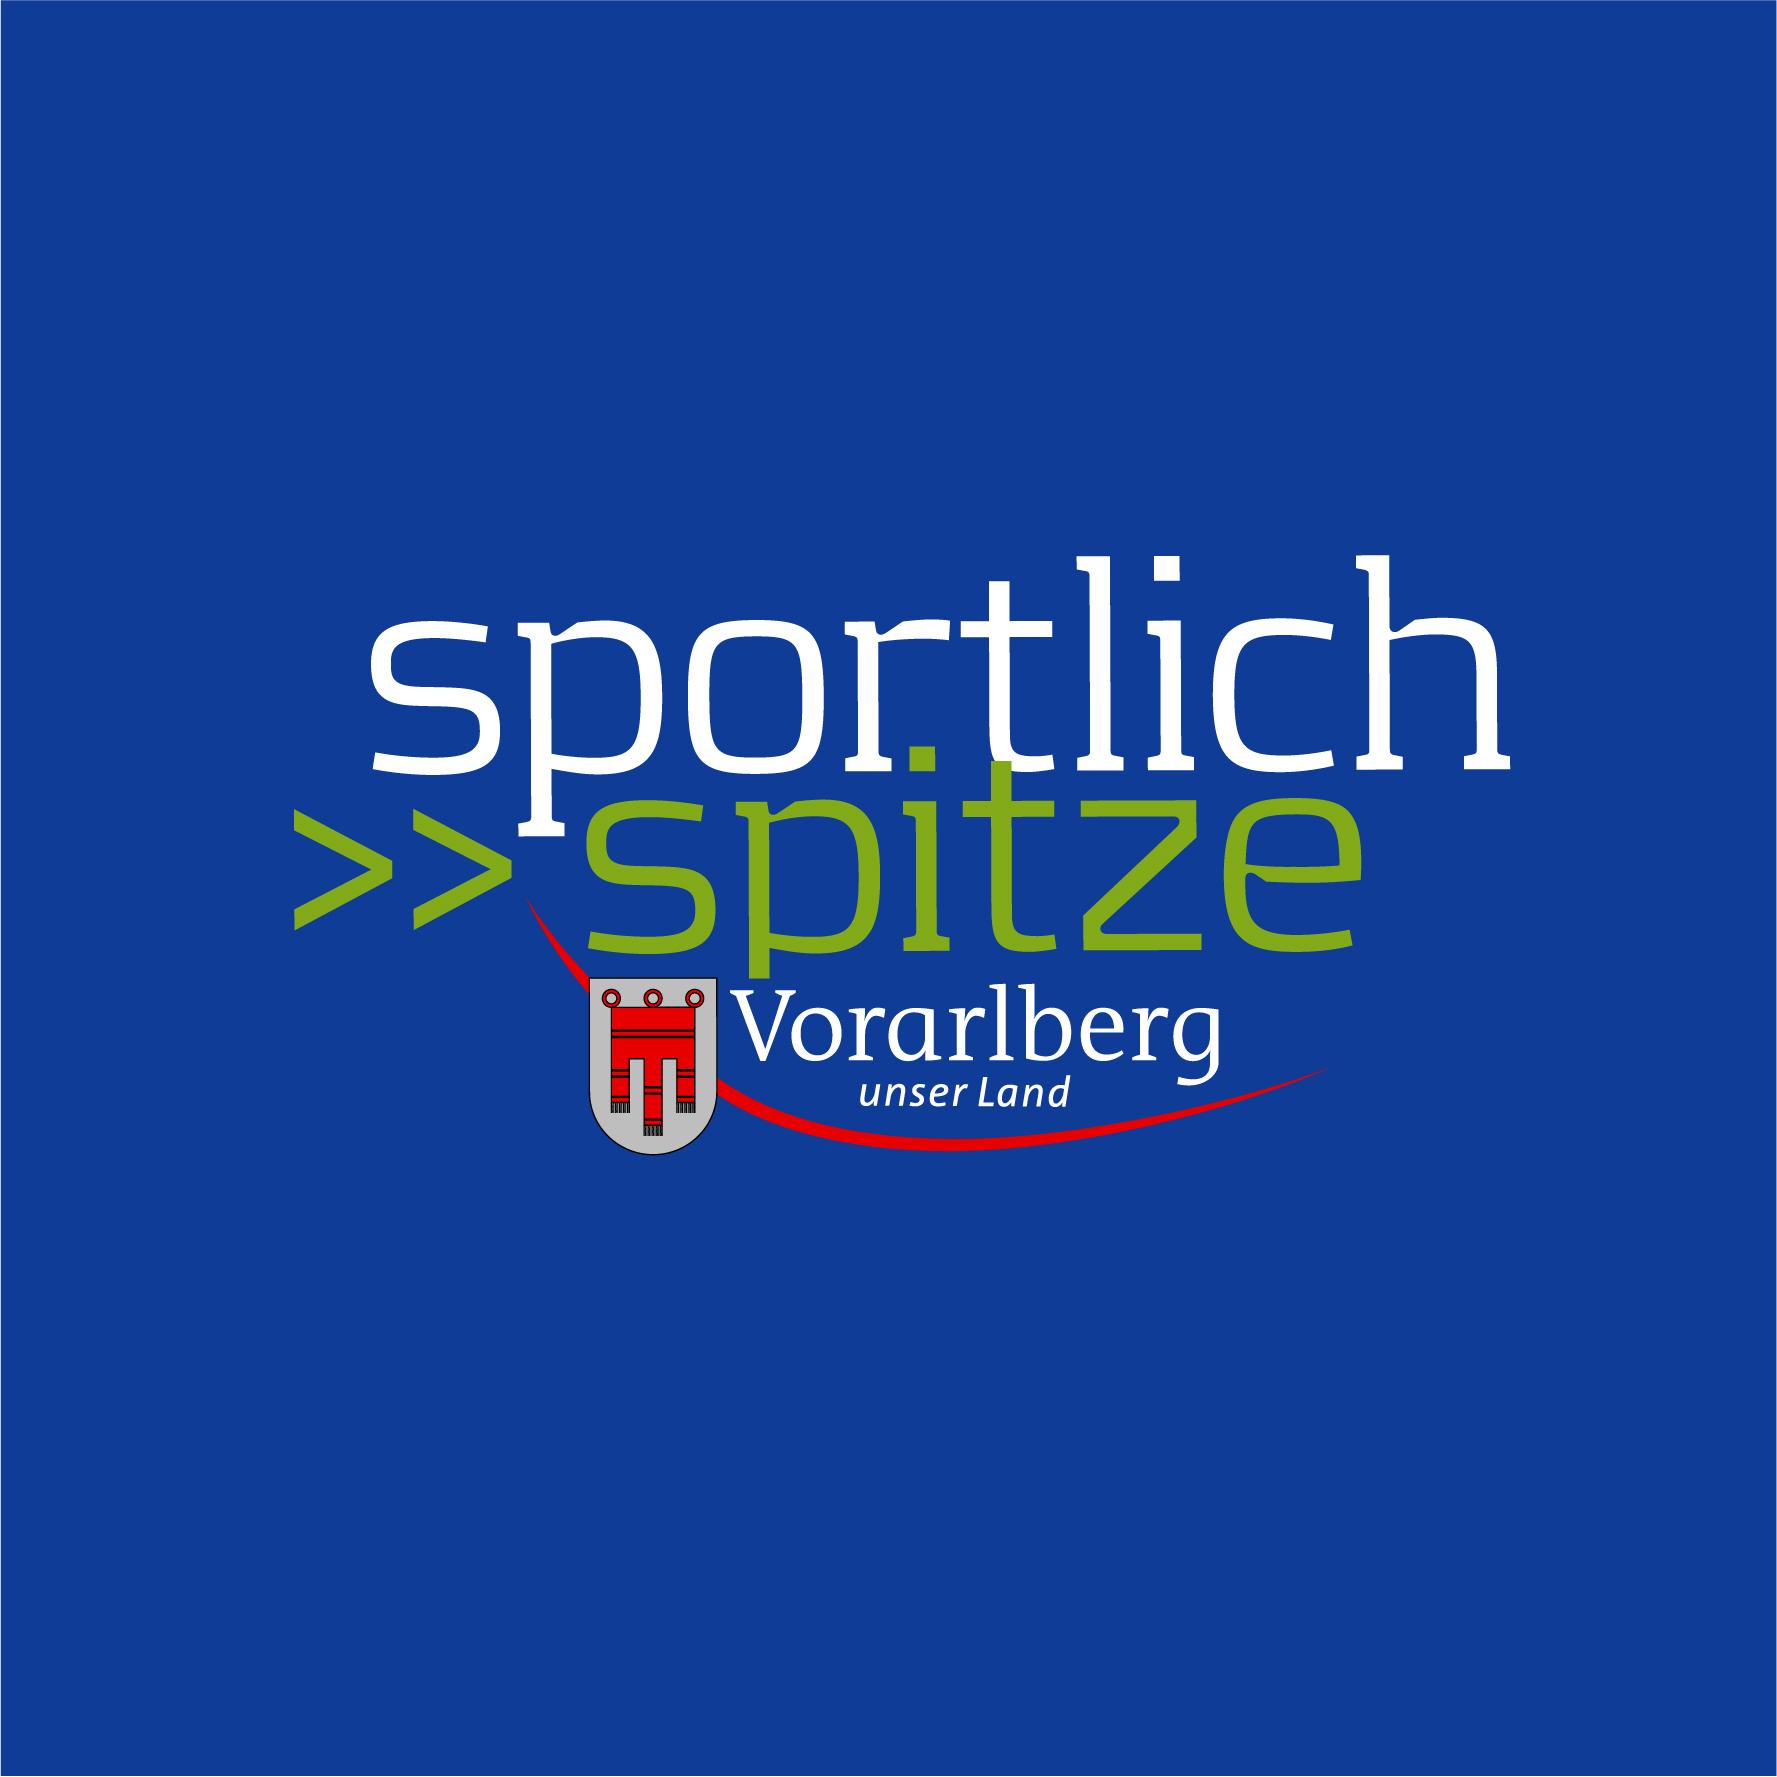 Vorarlberg_sportlich spitze